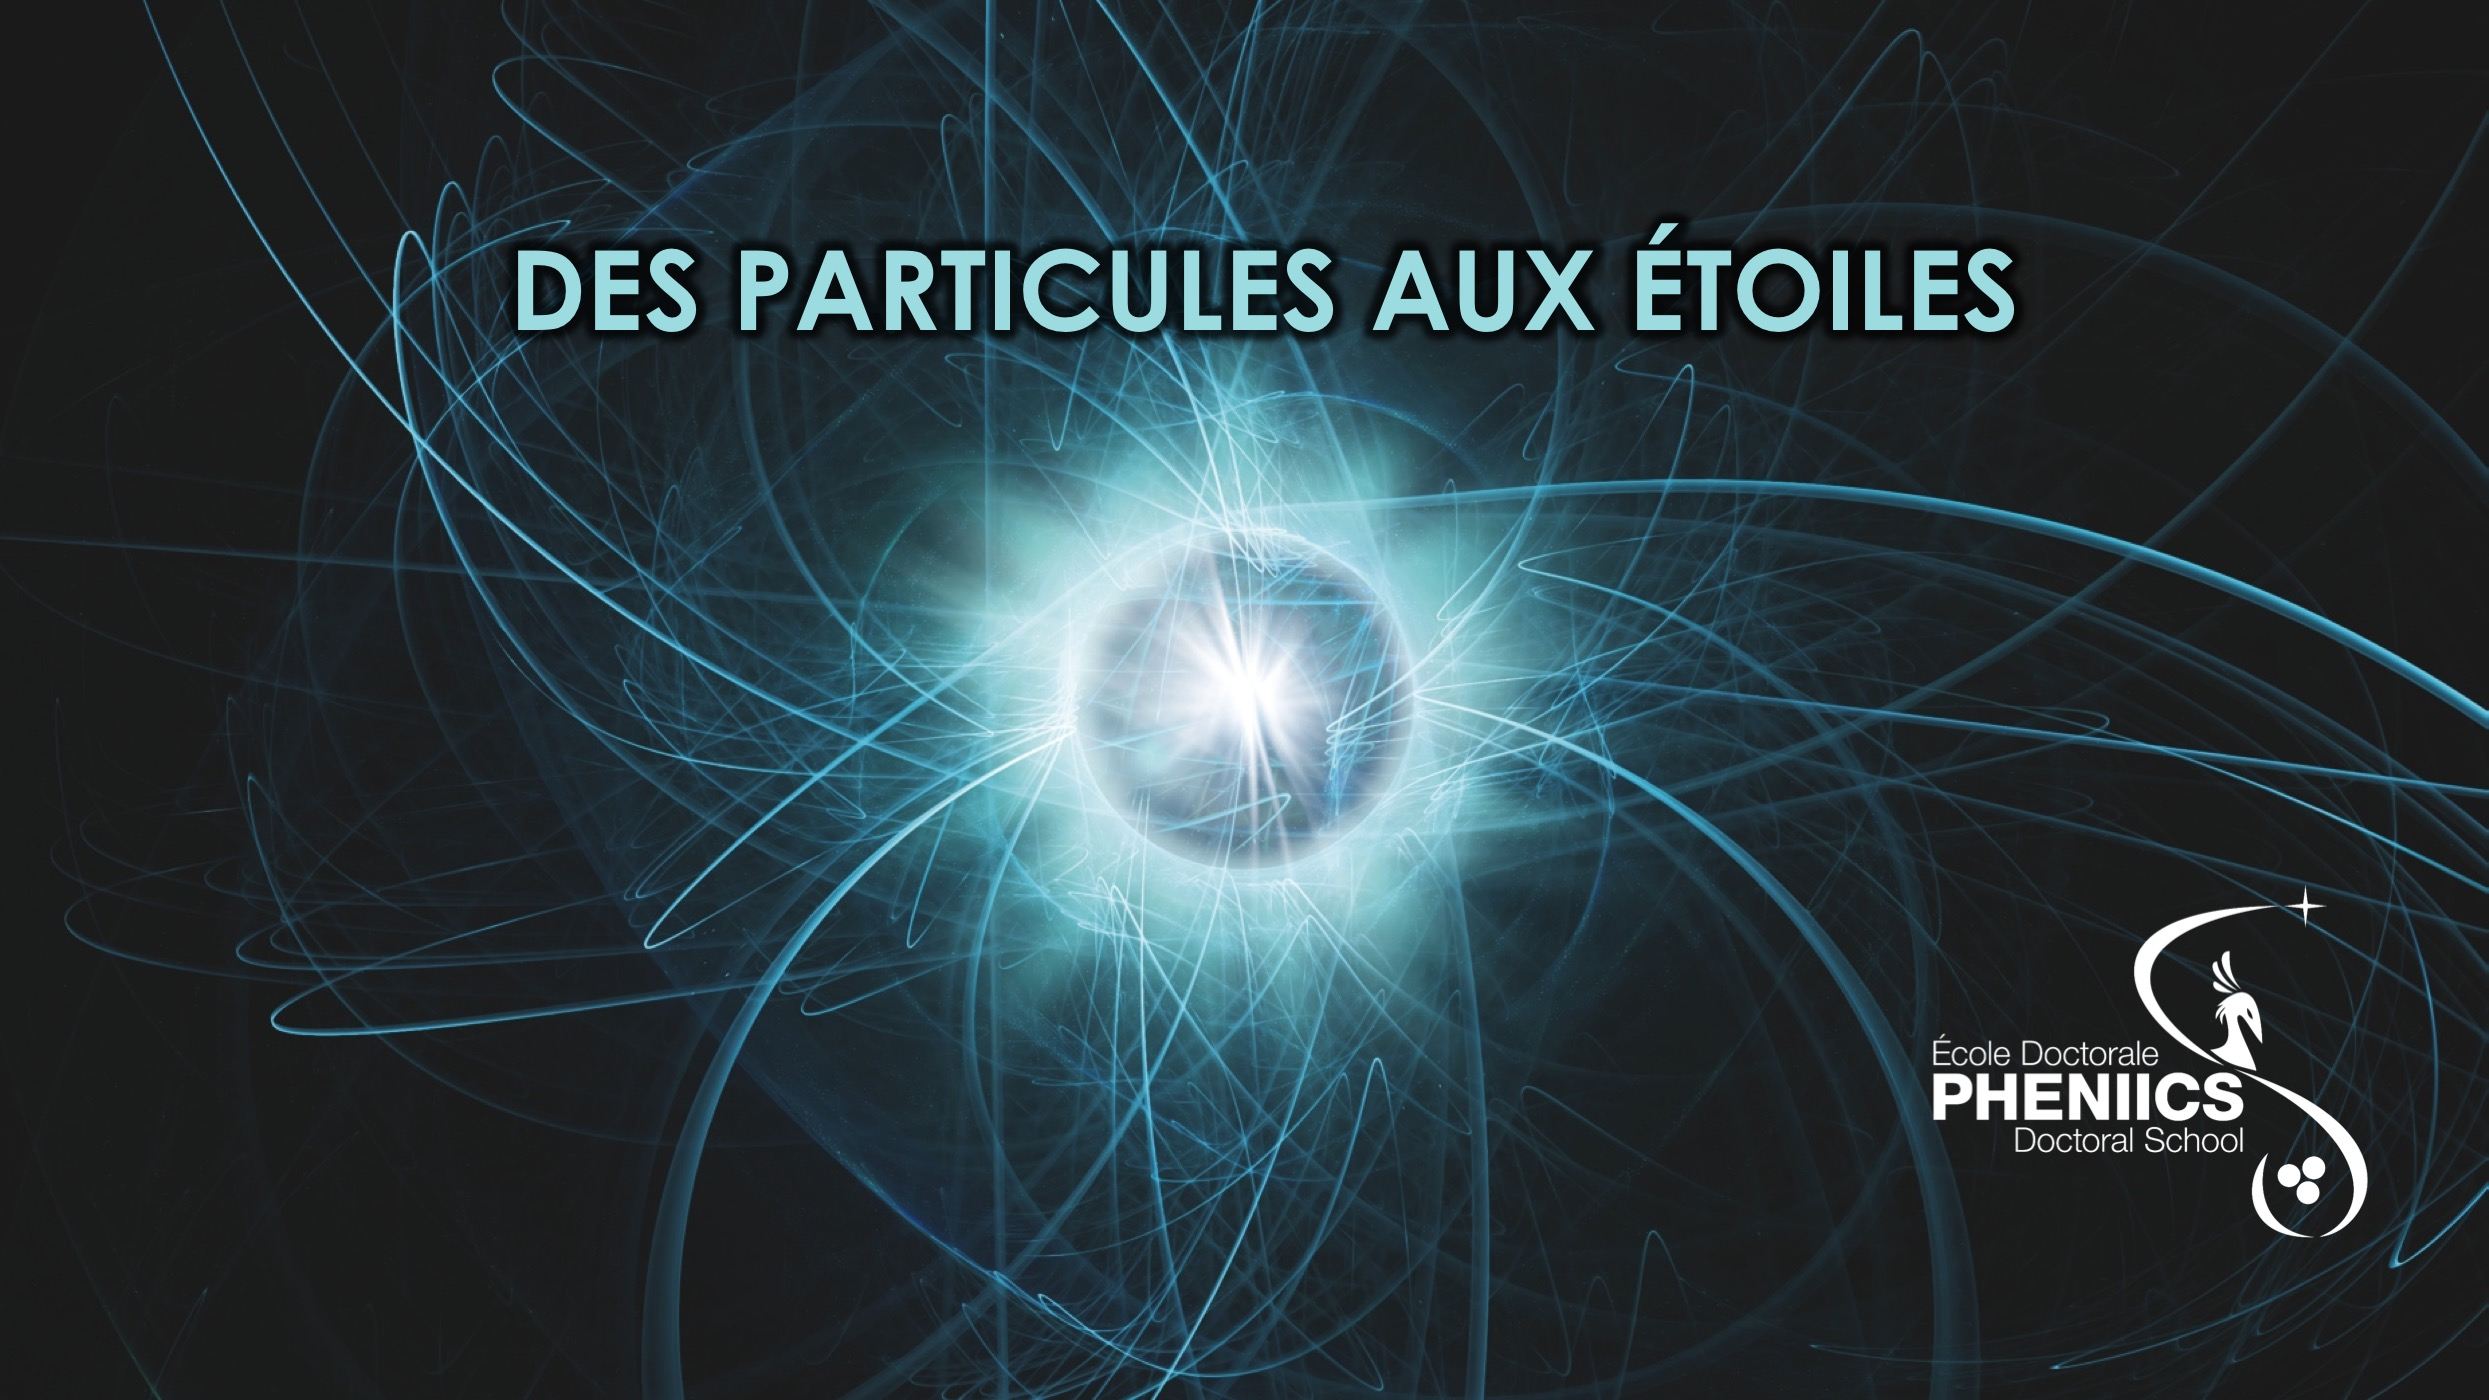 MOOC : Des particules aux étoiles (5e édition). Les inscriptions sont ouvertes!